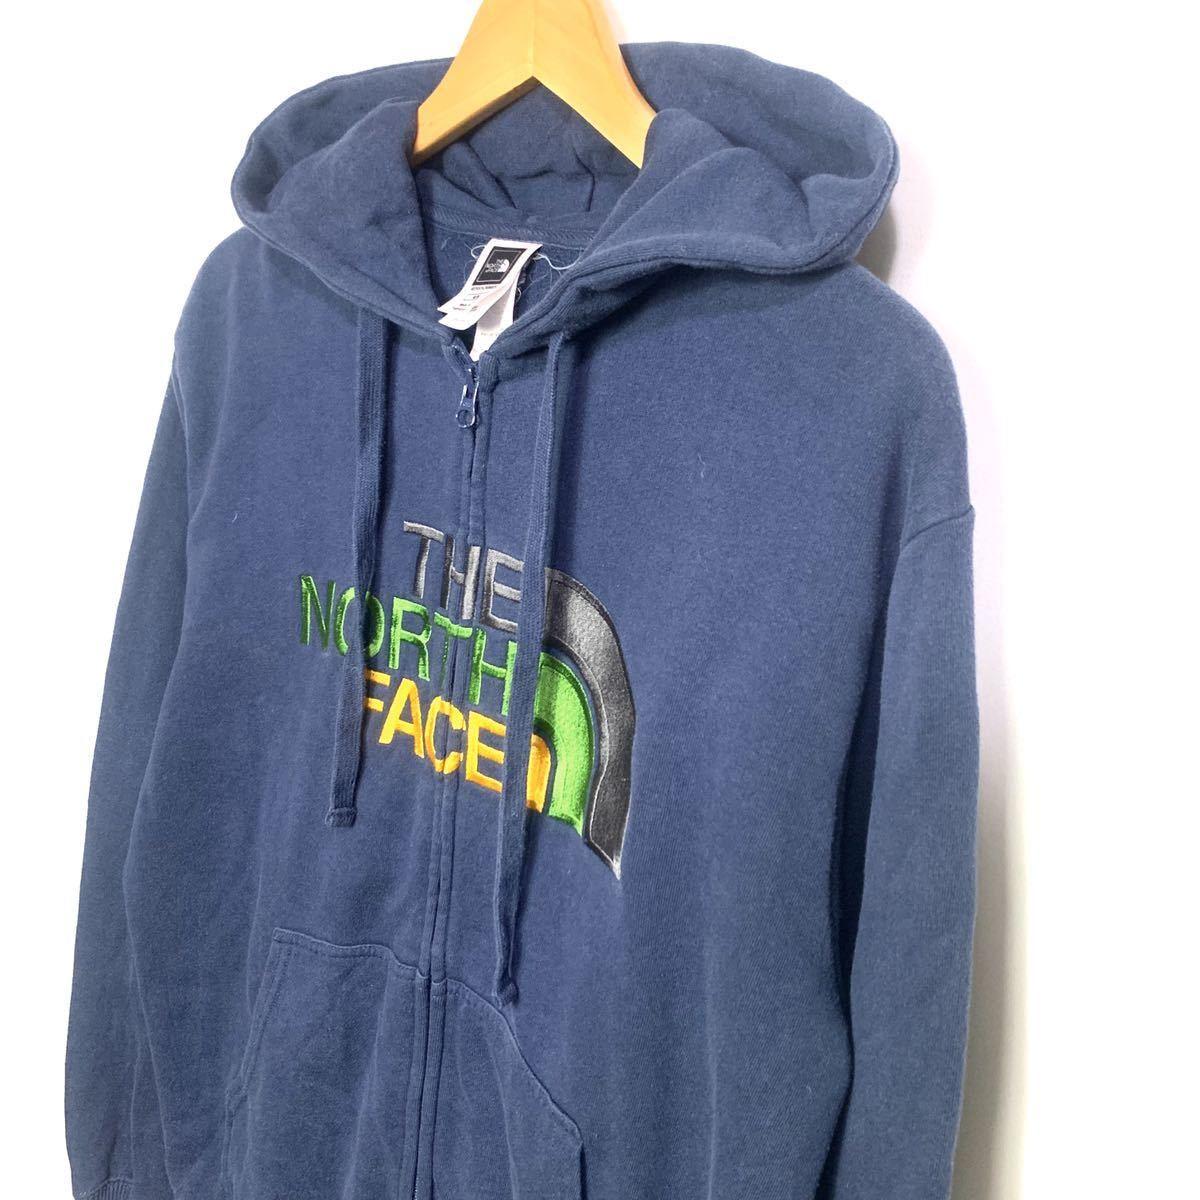 ■ザ・ノースフェイス 3色刺繍ロゴ フルジップ パーカー Mサイズ 紺 THE NORTH FACE ジップアップジャケット 大きいロゴ フーディー 古着■_画像2